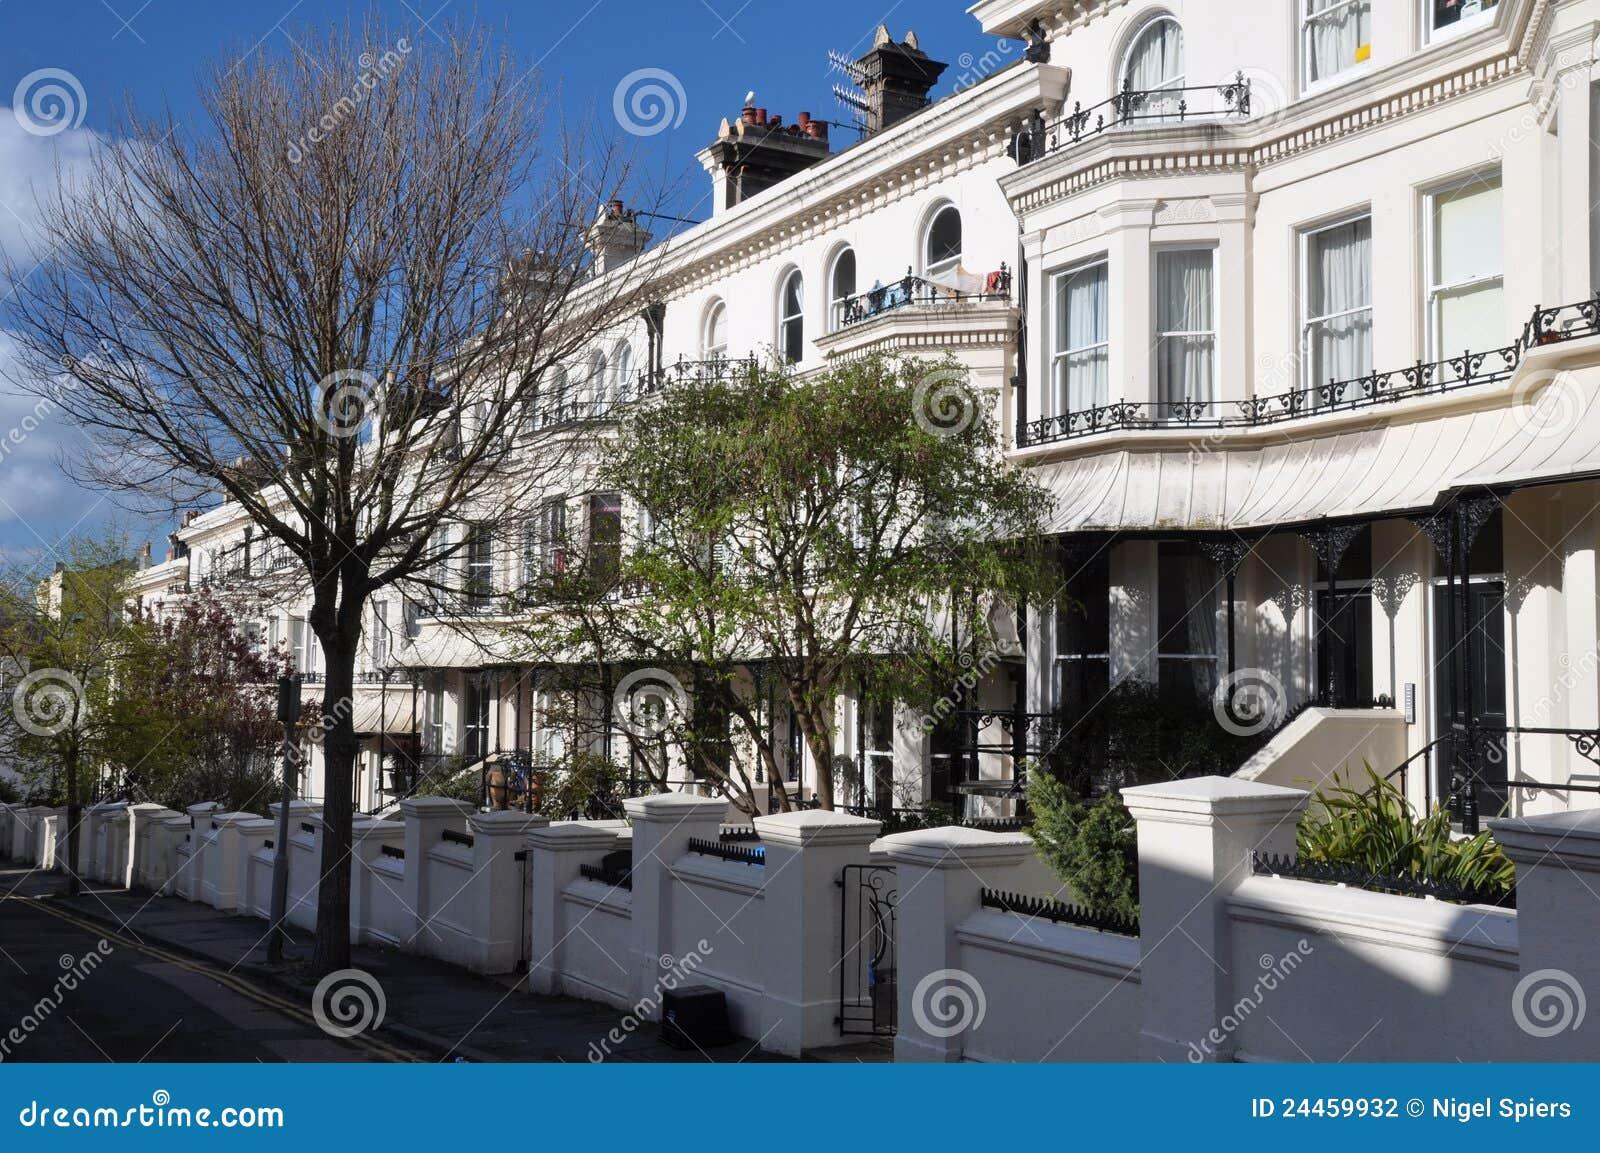 Brighton engeland de witte huizen van het terras stock fotografie afbeelding 24459932 - Foto van het terras ...